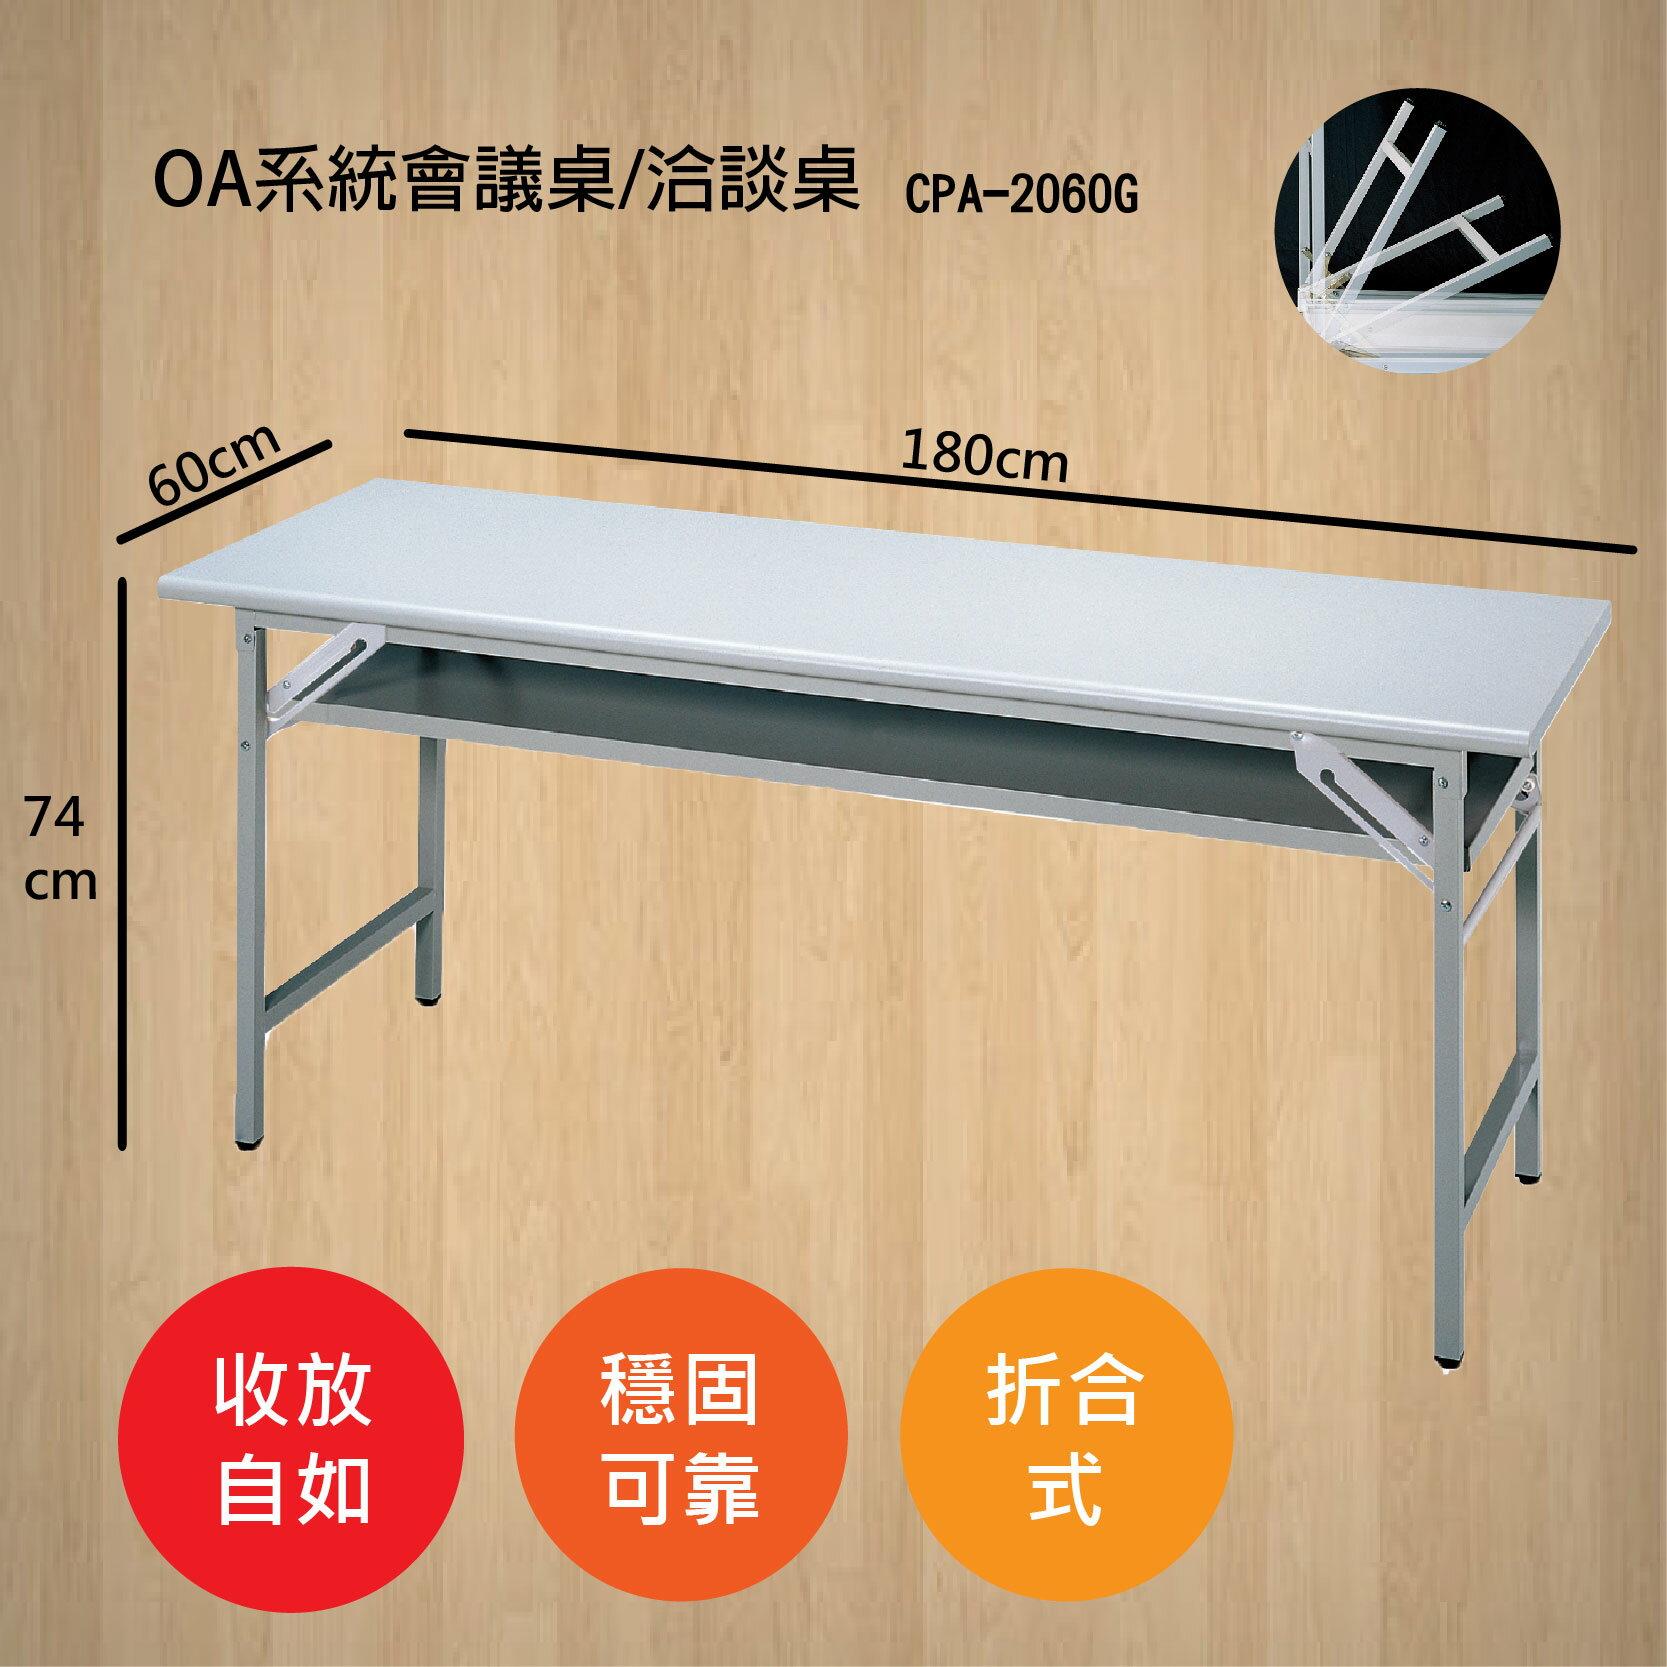 辦公家具〞CPA-2060G 拆合式會議桌 補習班 展覽 辦公室 桌子 書桌 展示桌 辦公桌 電腦桌 折疊桌 摺疊桌